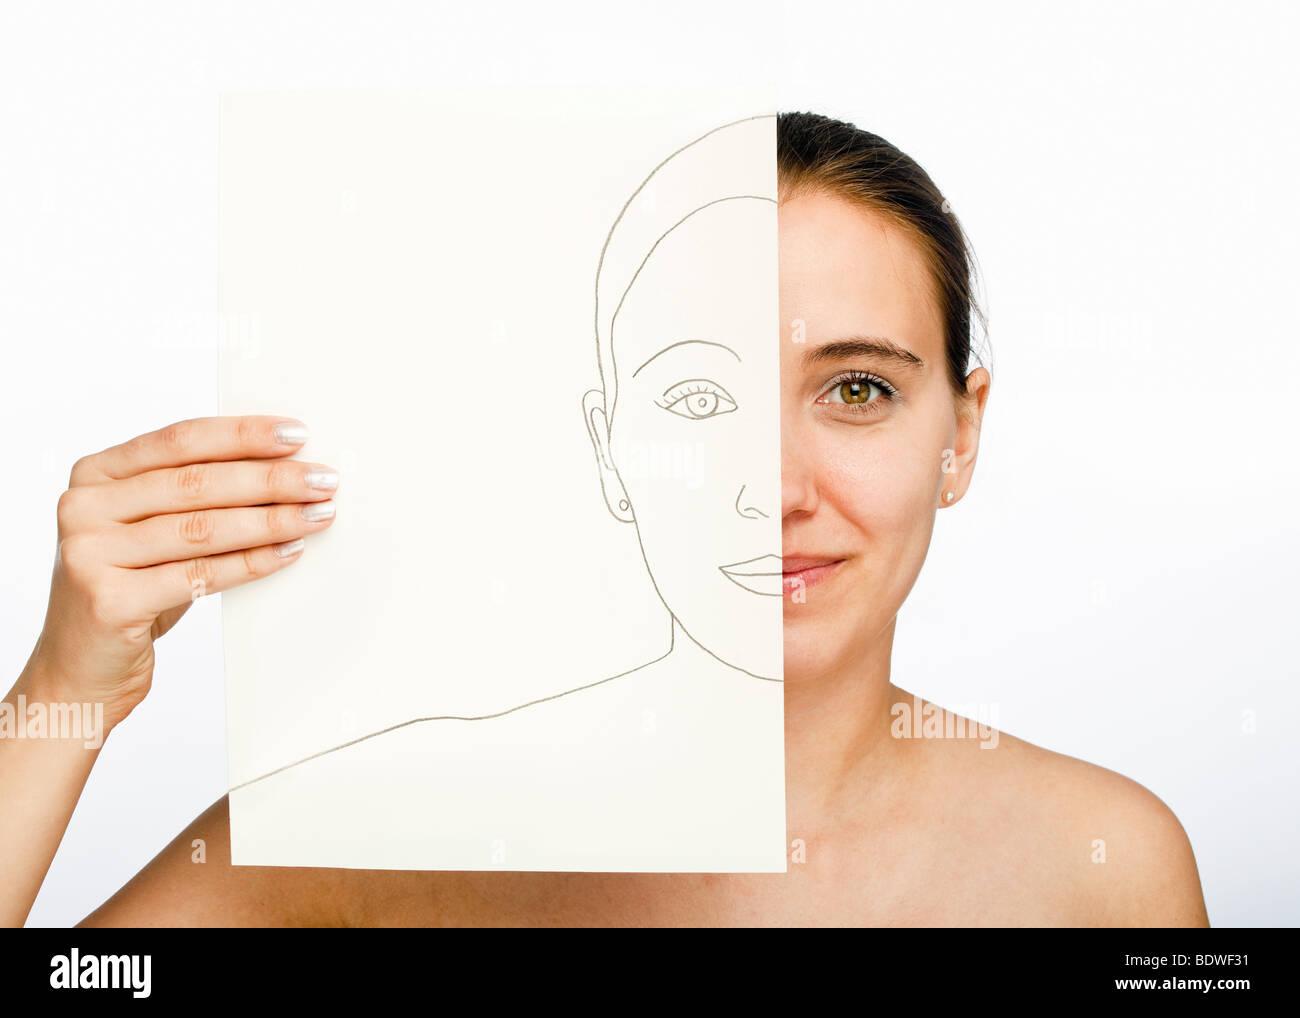 Giovane donna tenendo un tratte ritratto di se stessa Immagini Stock